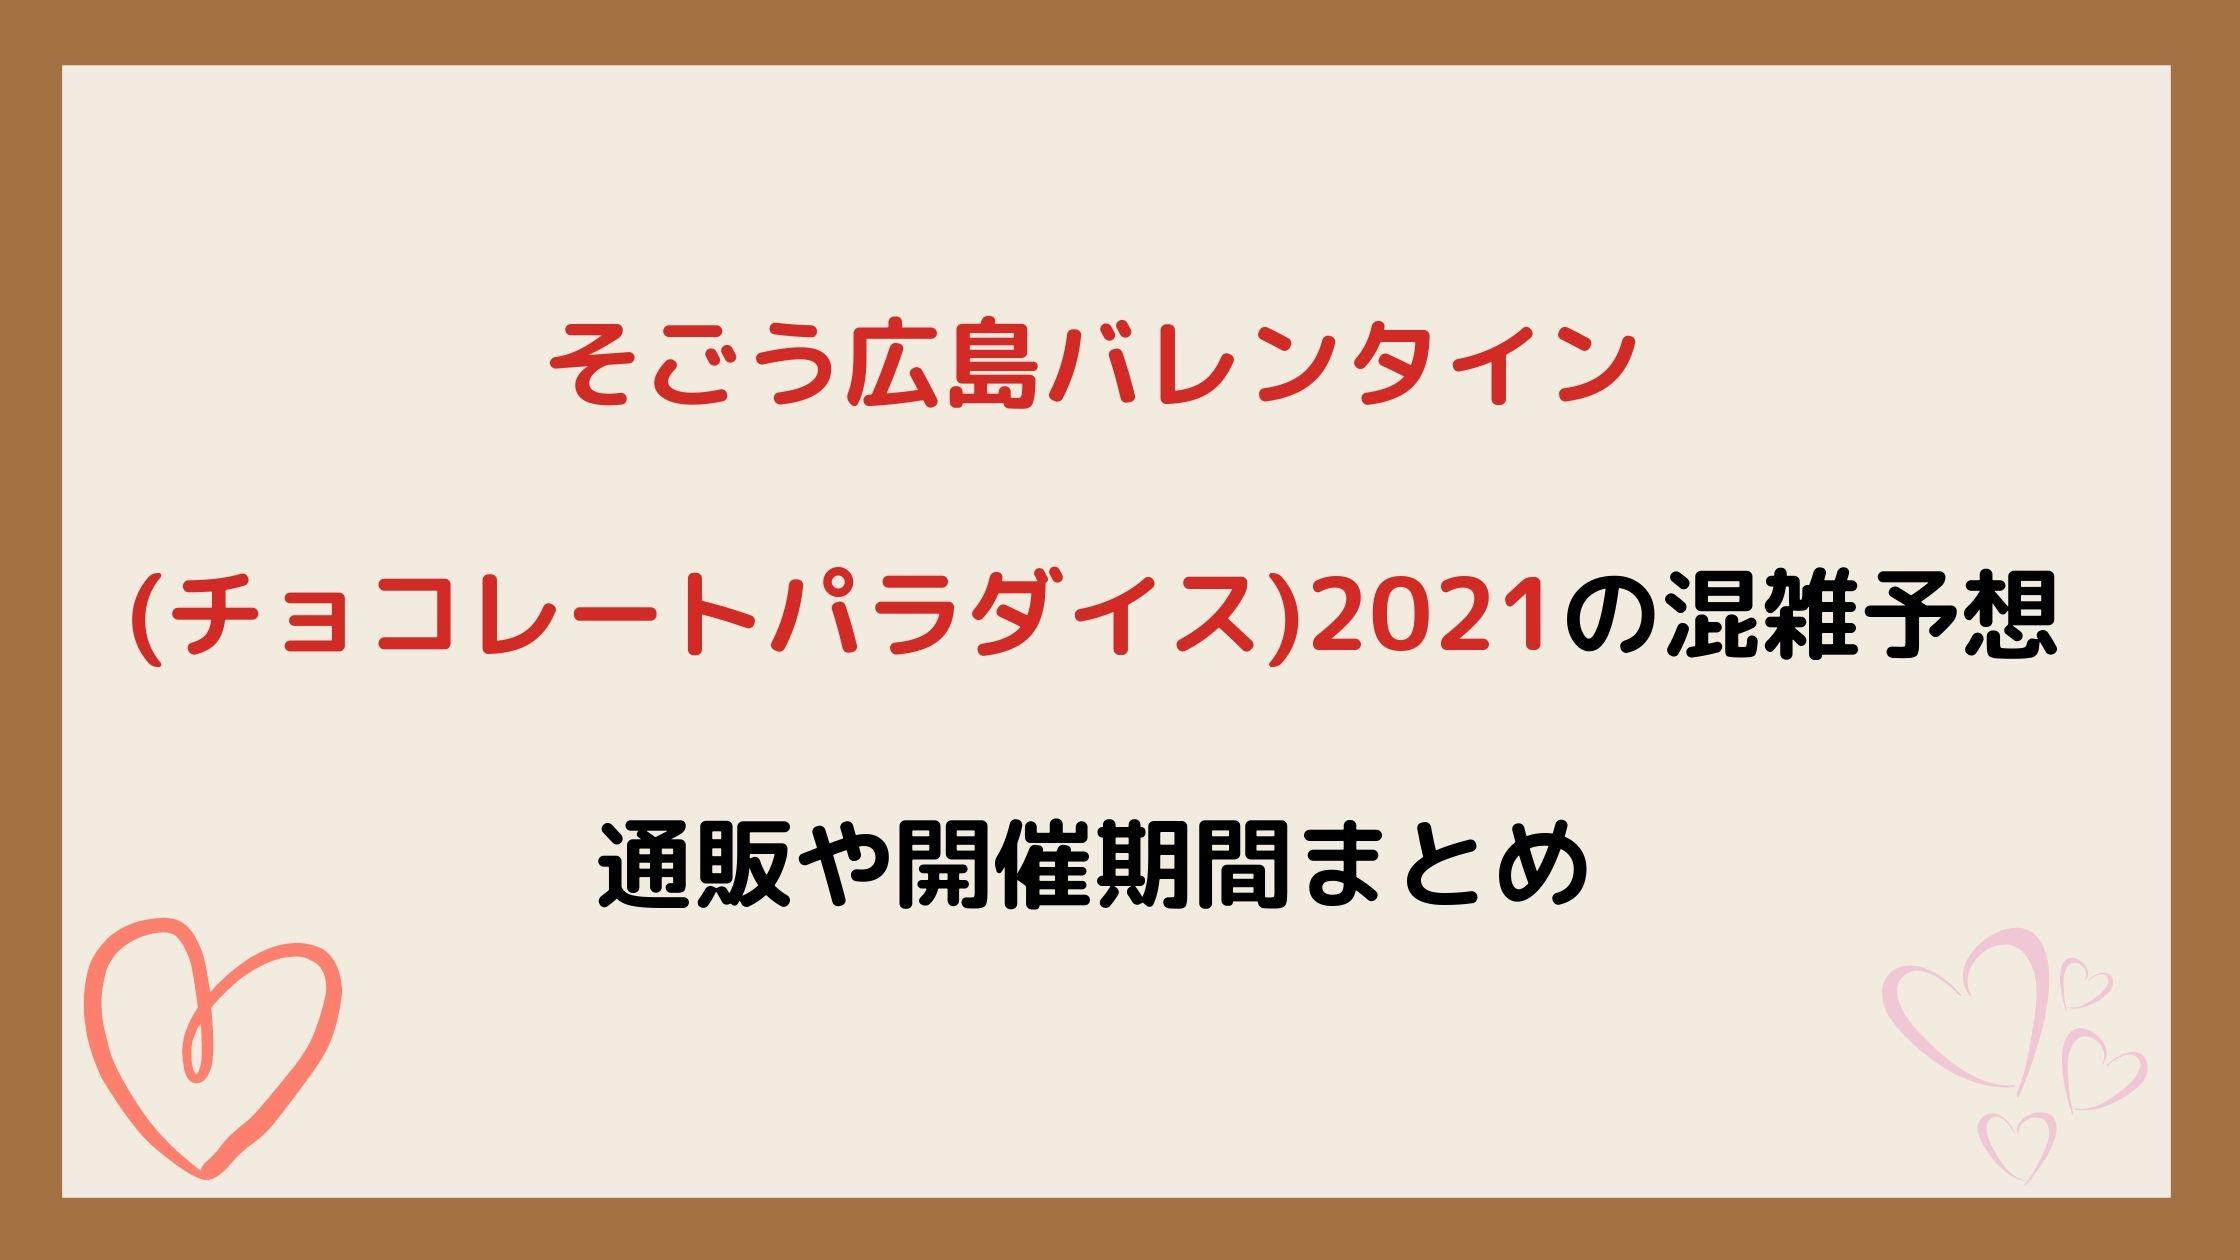 そごう広島バレンタイン(チョコレートパラダイス)2021混雑予想!通販や開催期間まとめ